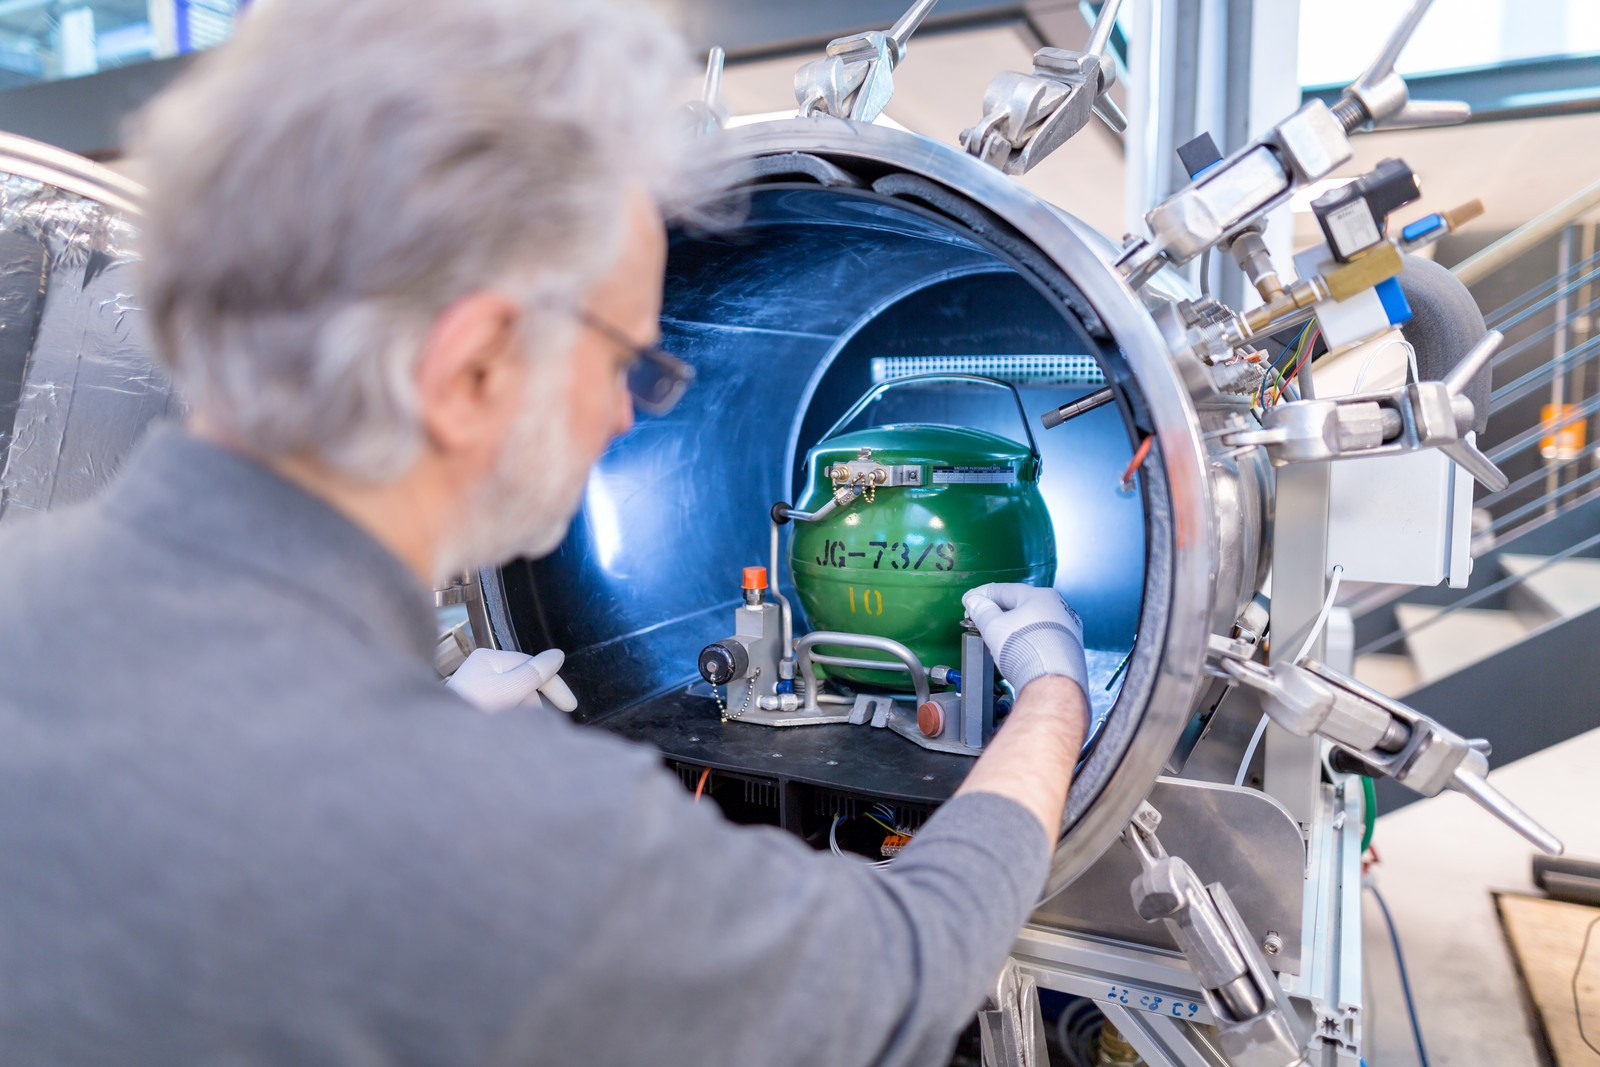 Technolab kann in einer Vakuum-Überdruck-Unterdruck-Testkammer verschiedene Umweltsituationen erzeugen: der Altitude Test, in Kombination mit Temperatur und Feuchtigkeit Icing Test und Rapid Decompression Test für rapiden Druckabfall.